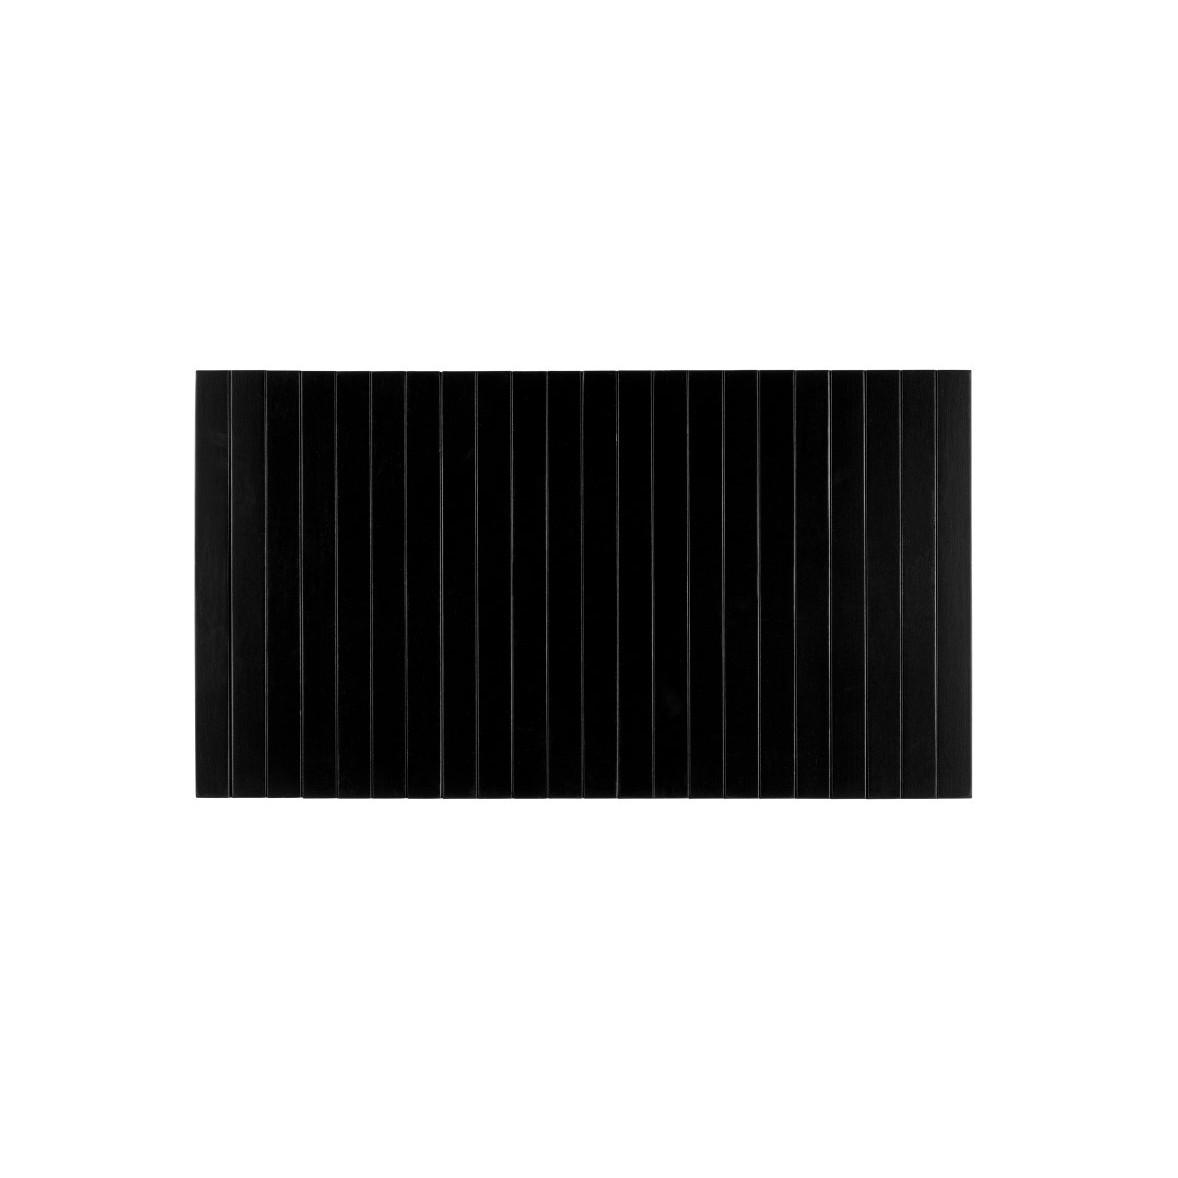 Flexible Wooden Tray Medium | Black